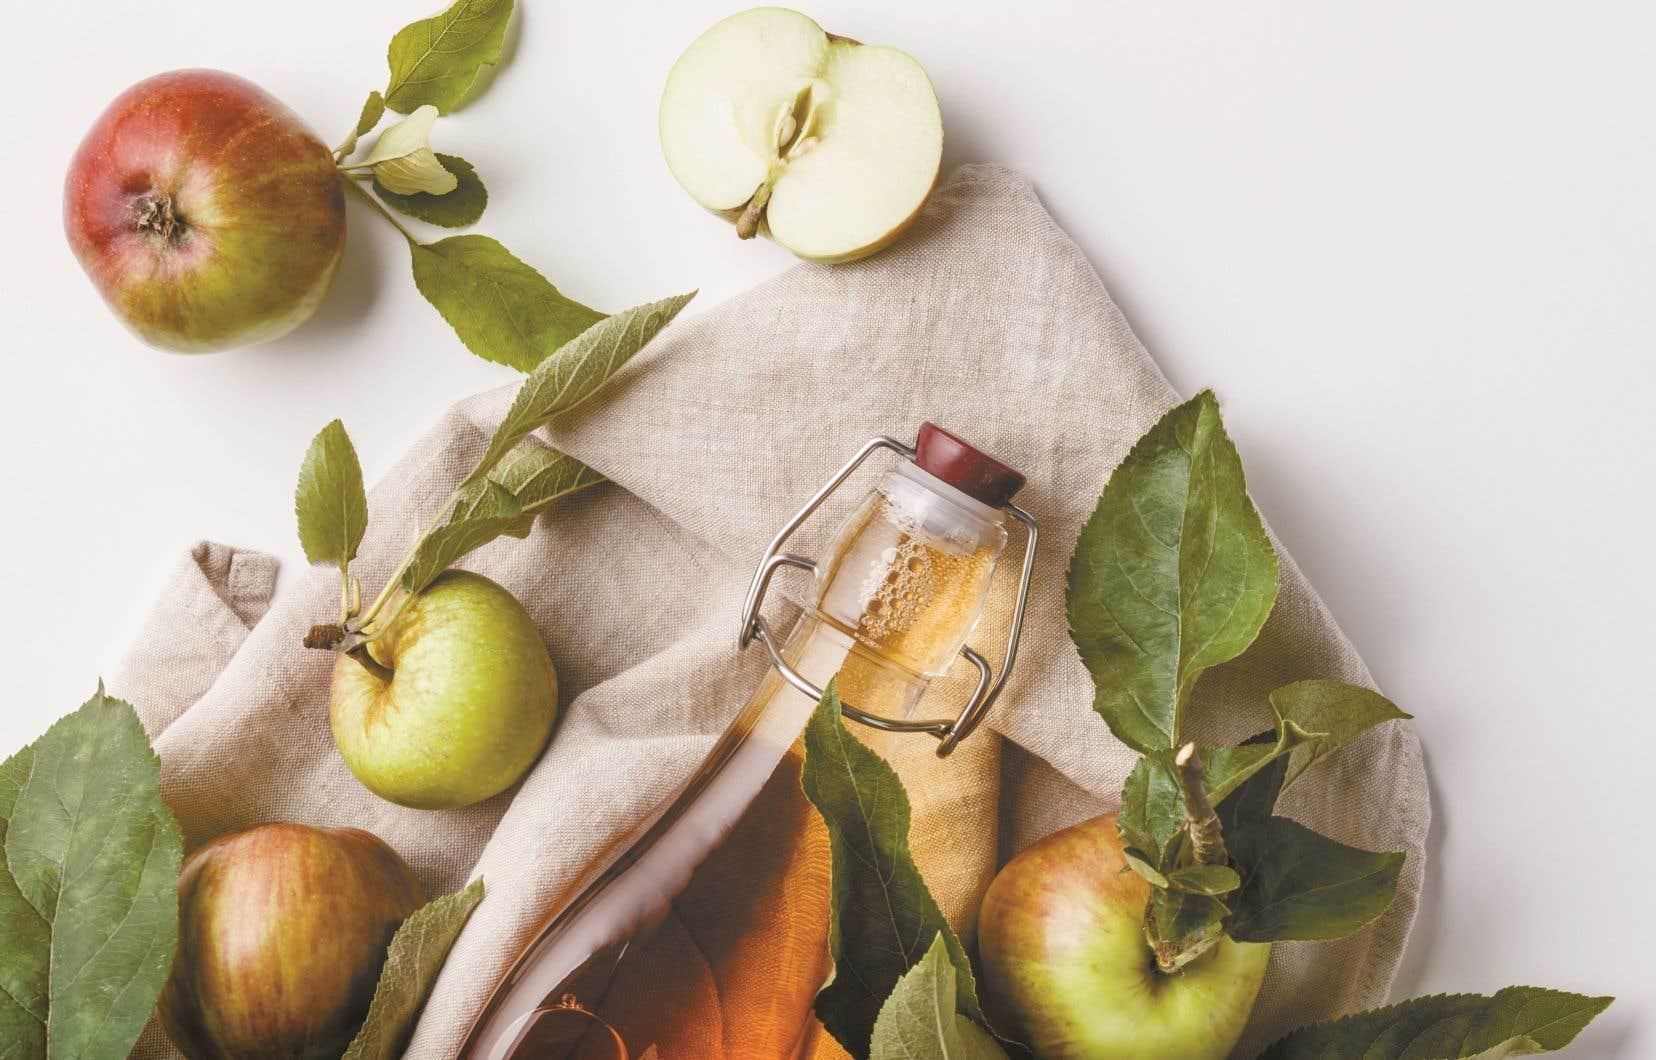 Dans les vergers écologiques, c'est l'occasion de découvrir des variétés de pommes ancestrales moins connues.